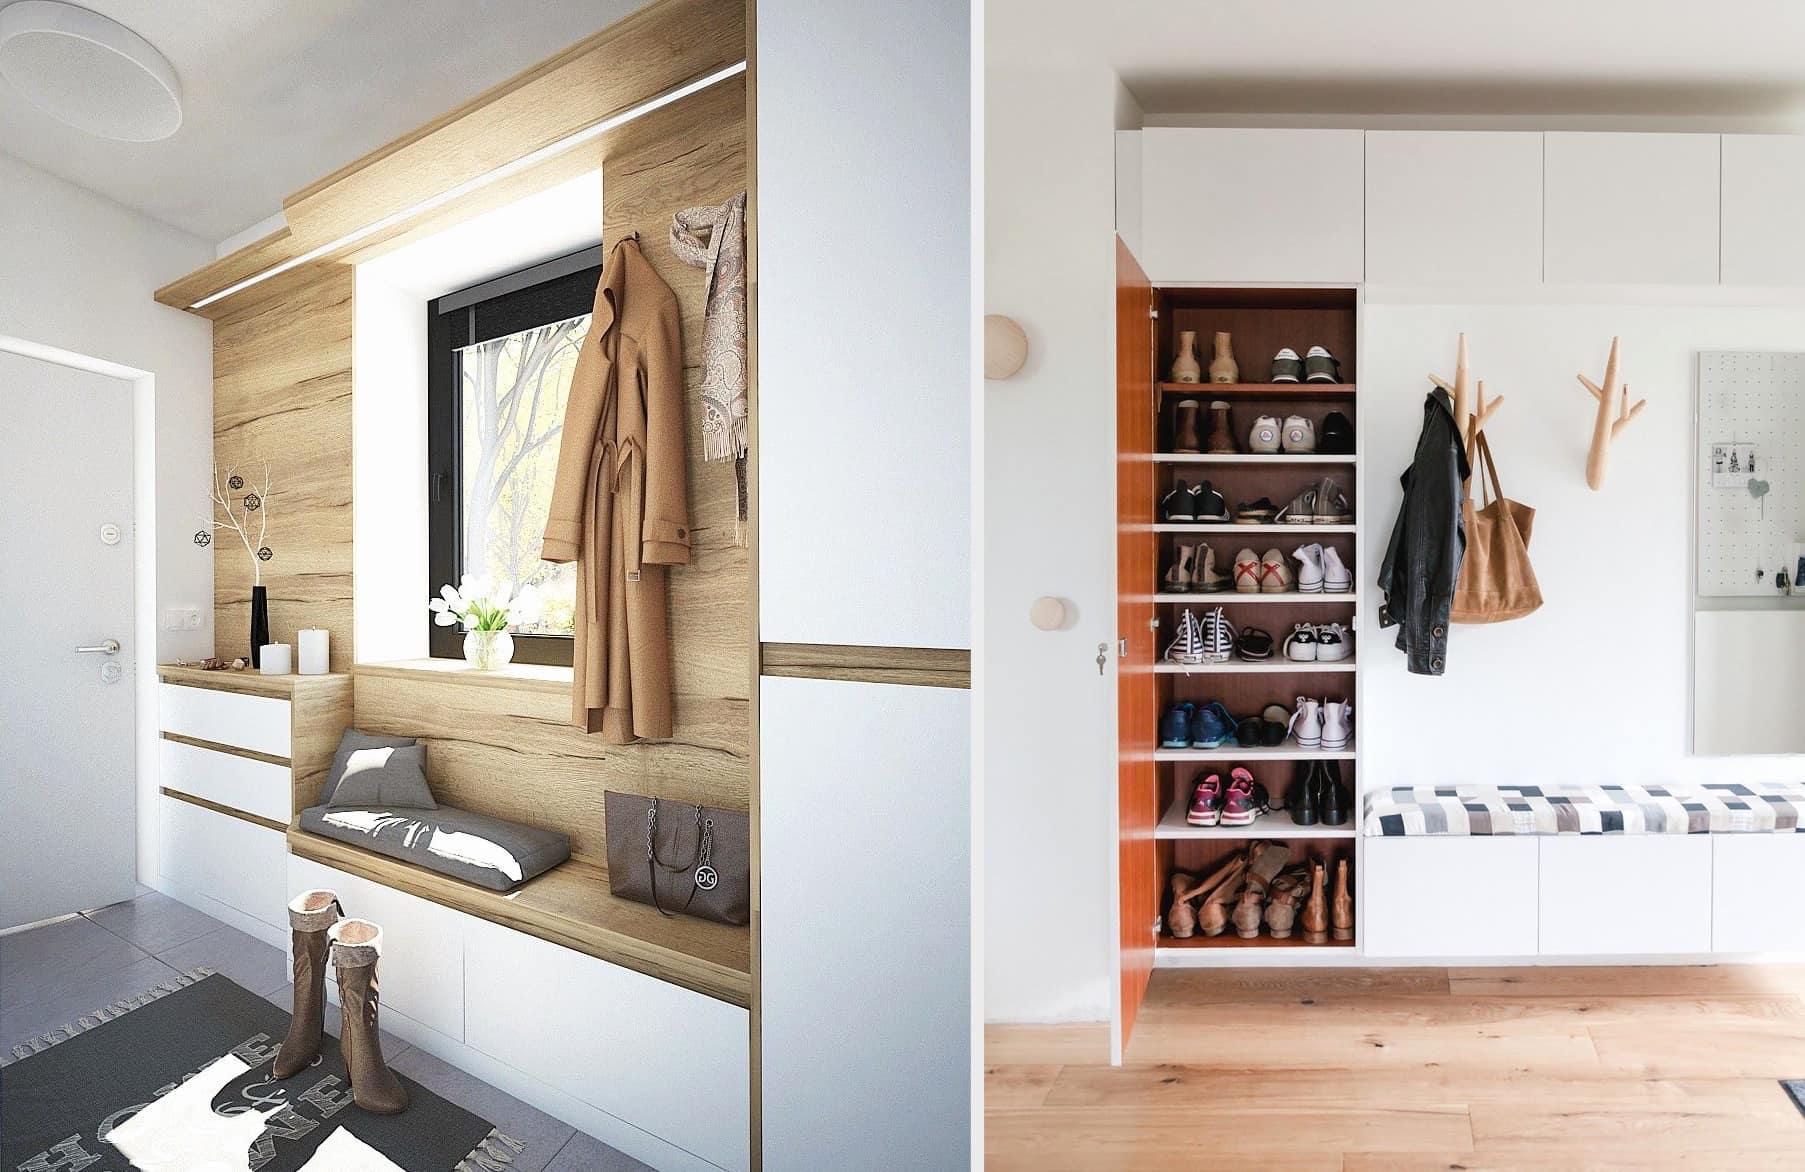 Les idées d'aménagement de couloirs en 2021 frappent par leur originalité et leur praticité.